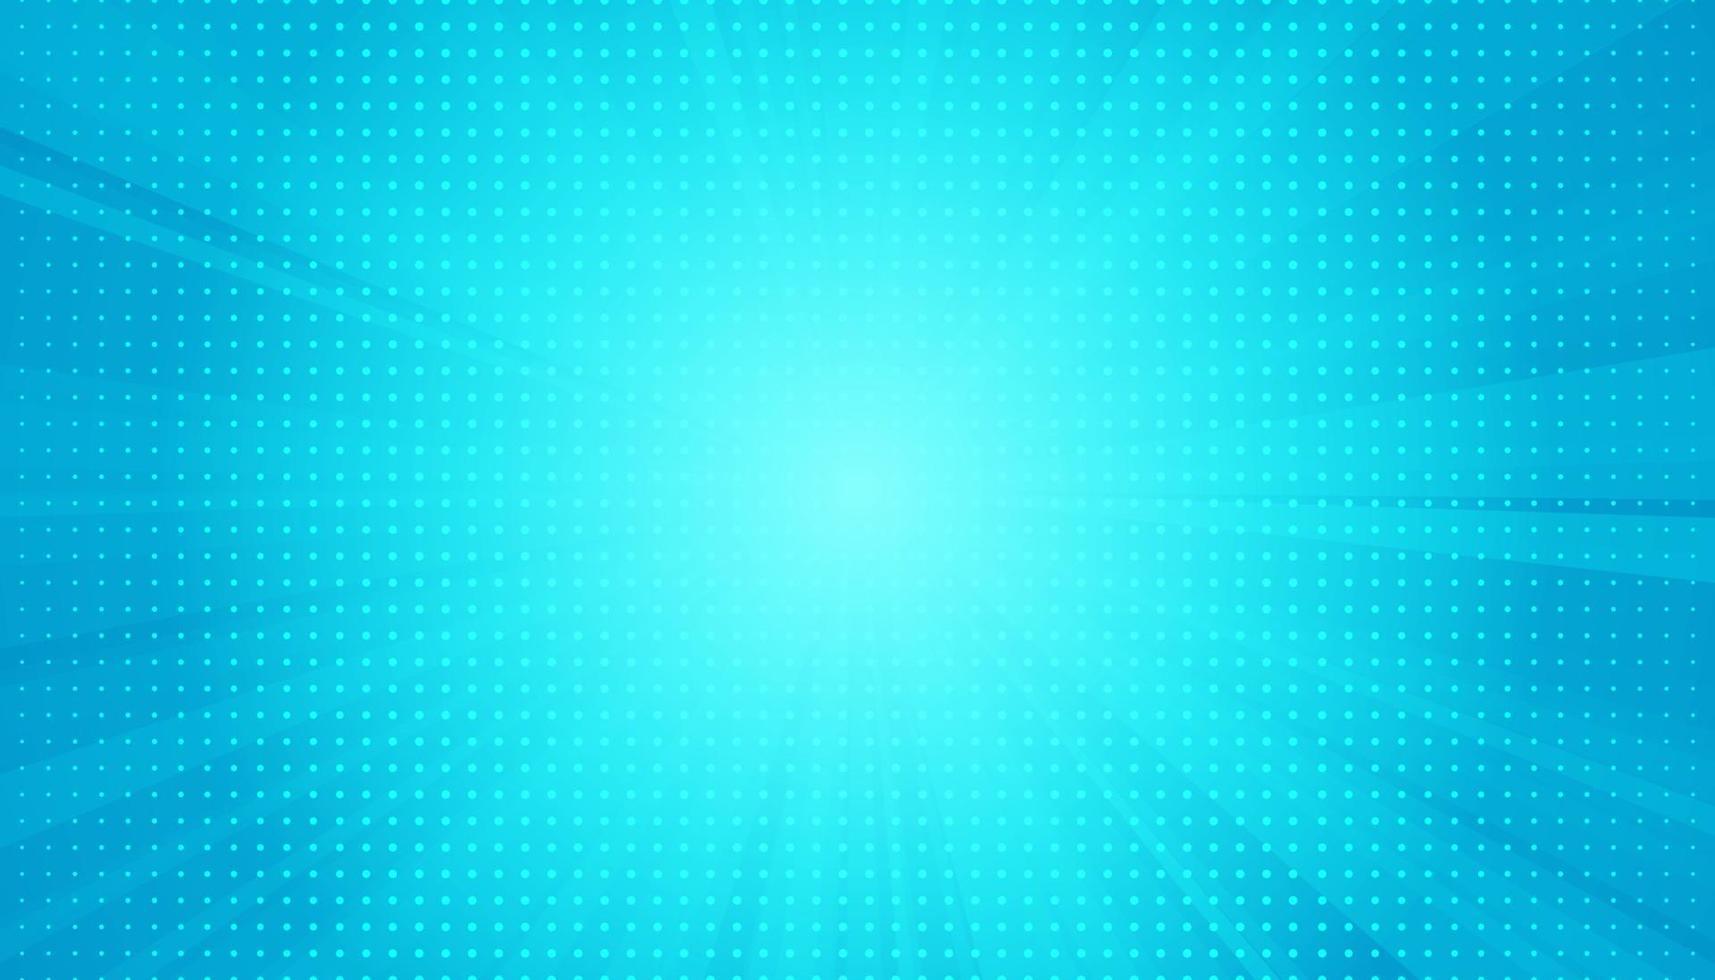 popkonst bakgrund. retro prickig bakgrund. vektor illustration. halvton blå popkonst